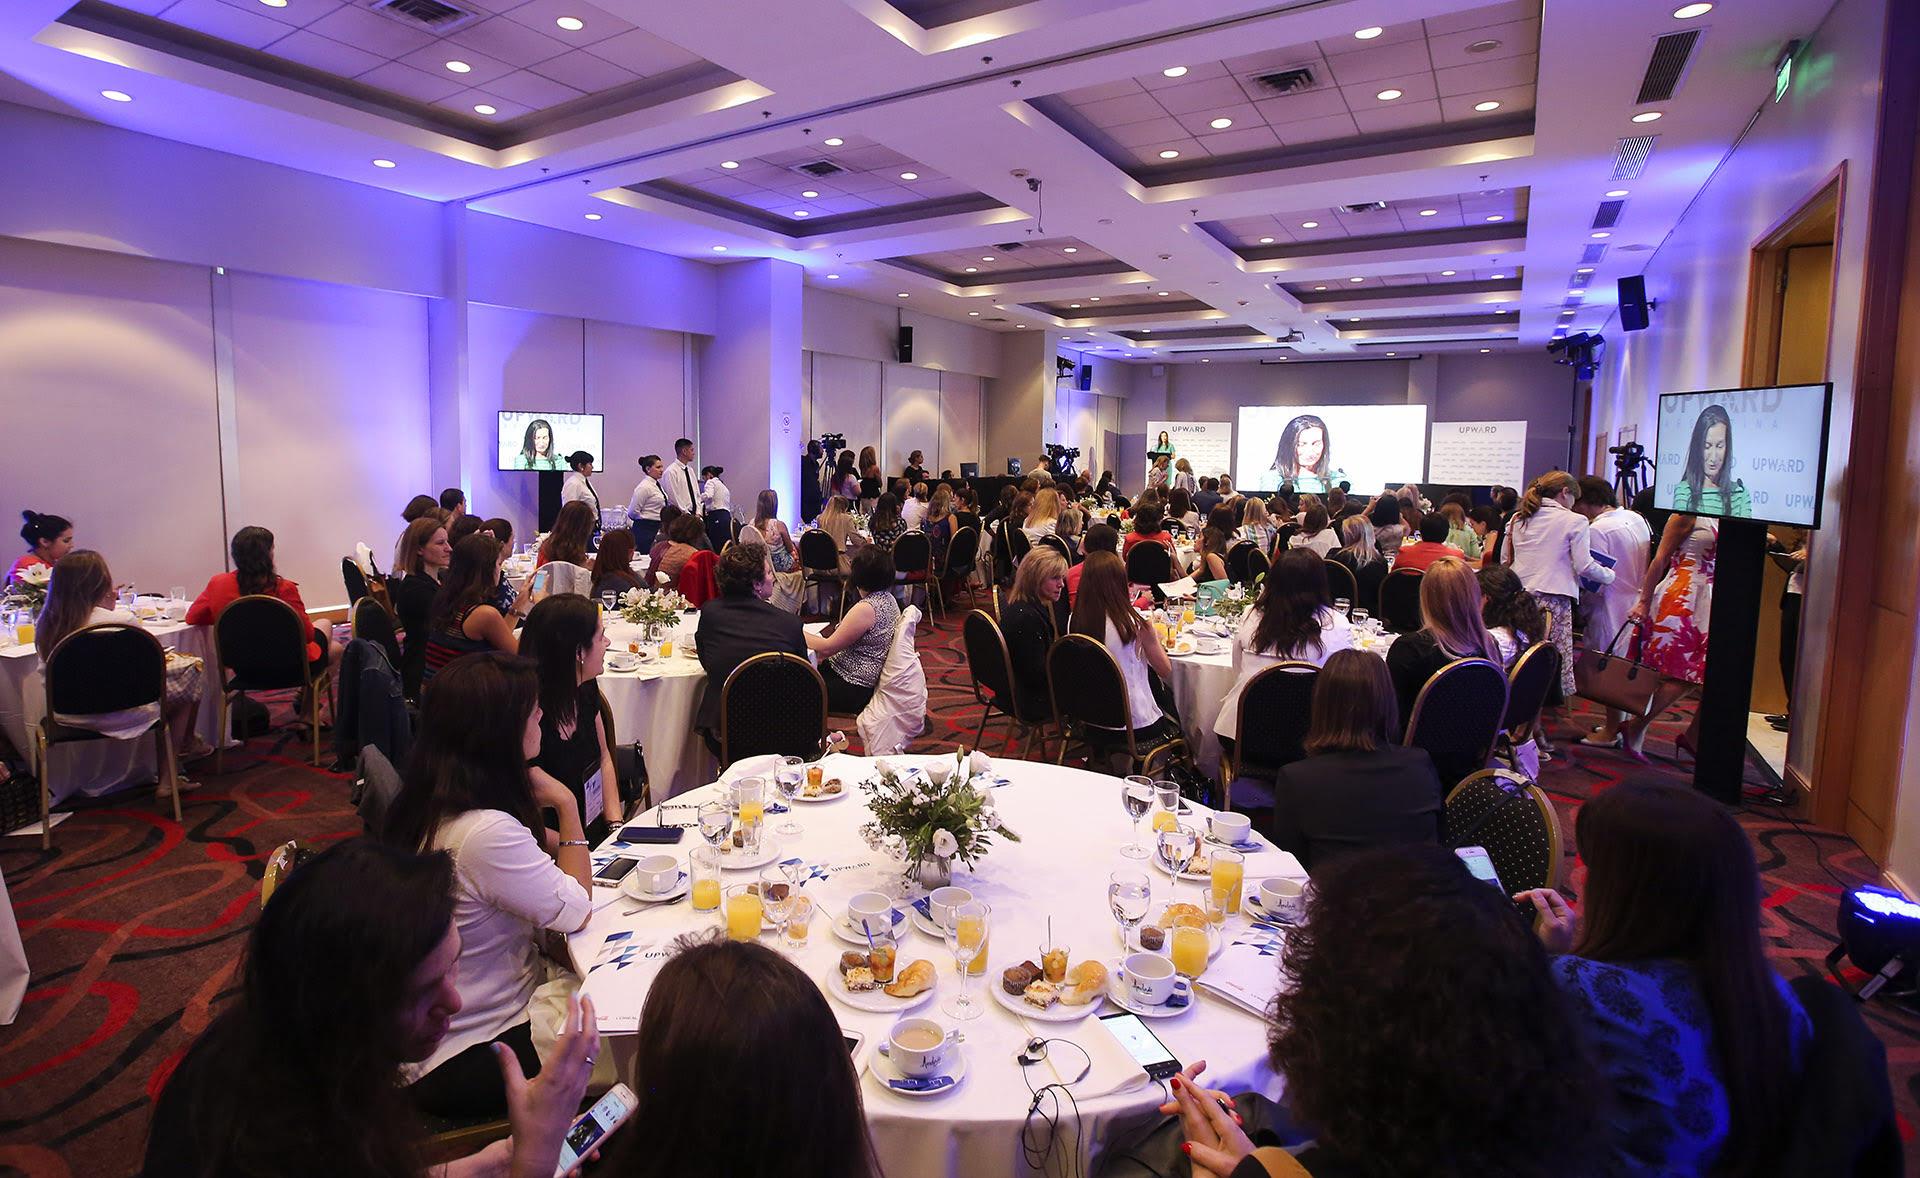 La sala Ceibo de la Rural fue el escenario perfecto para dar impulso a la nueva inciativa de Upward Argentina